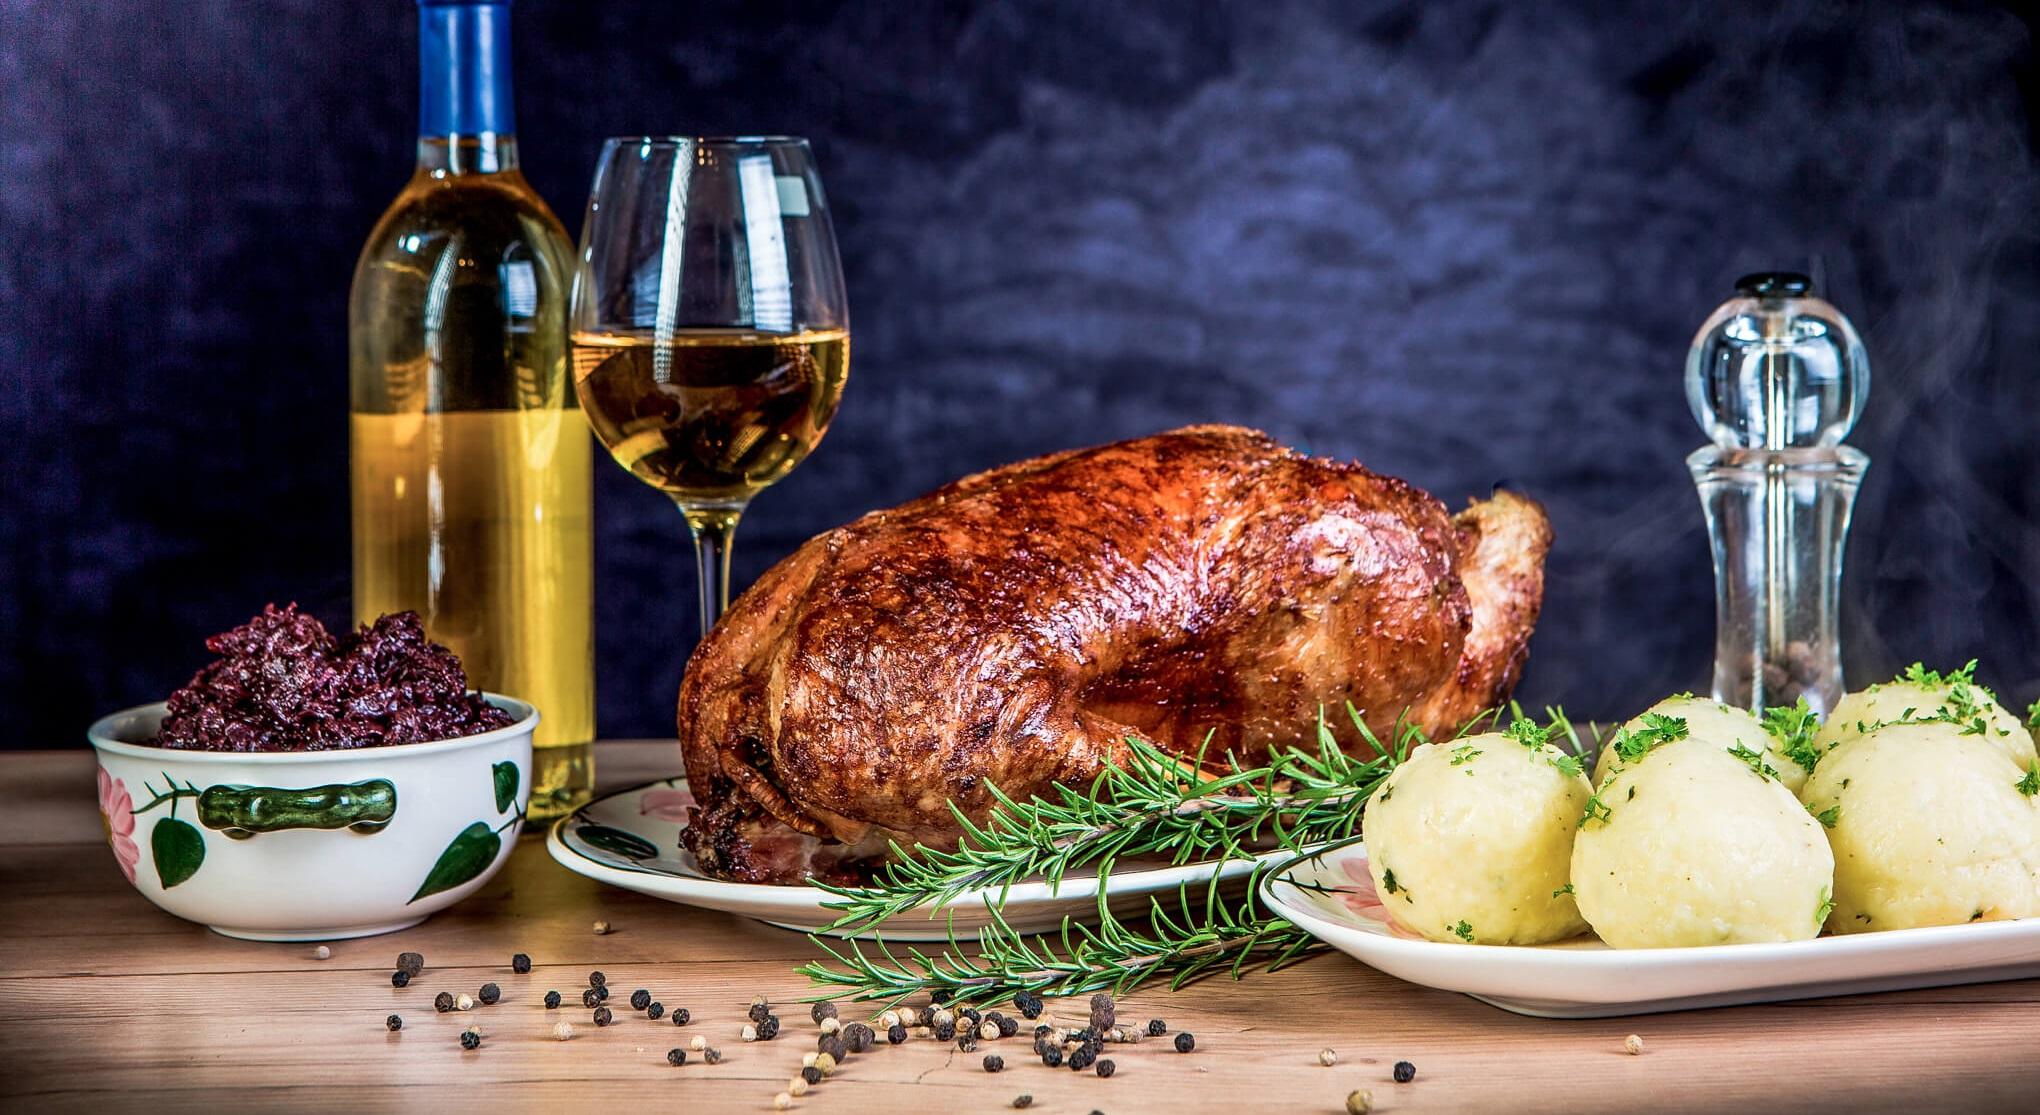 Gänse Enten Tips und Tricks für Restaurants Weihnachten und Herbst